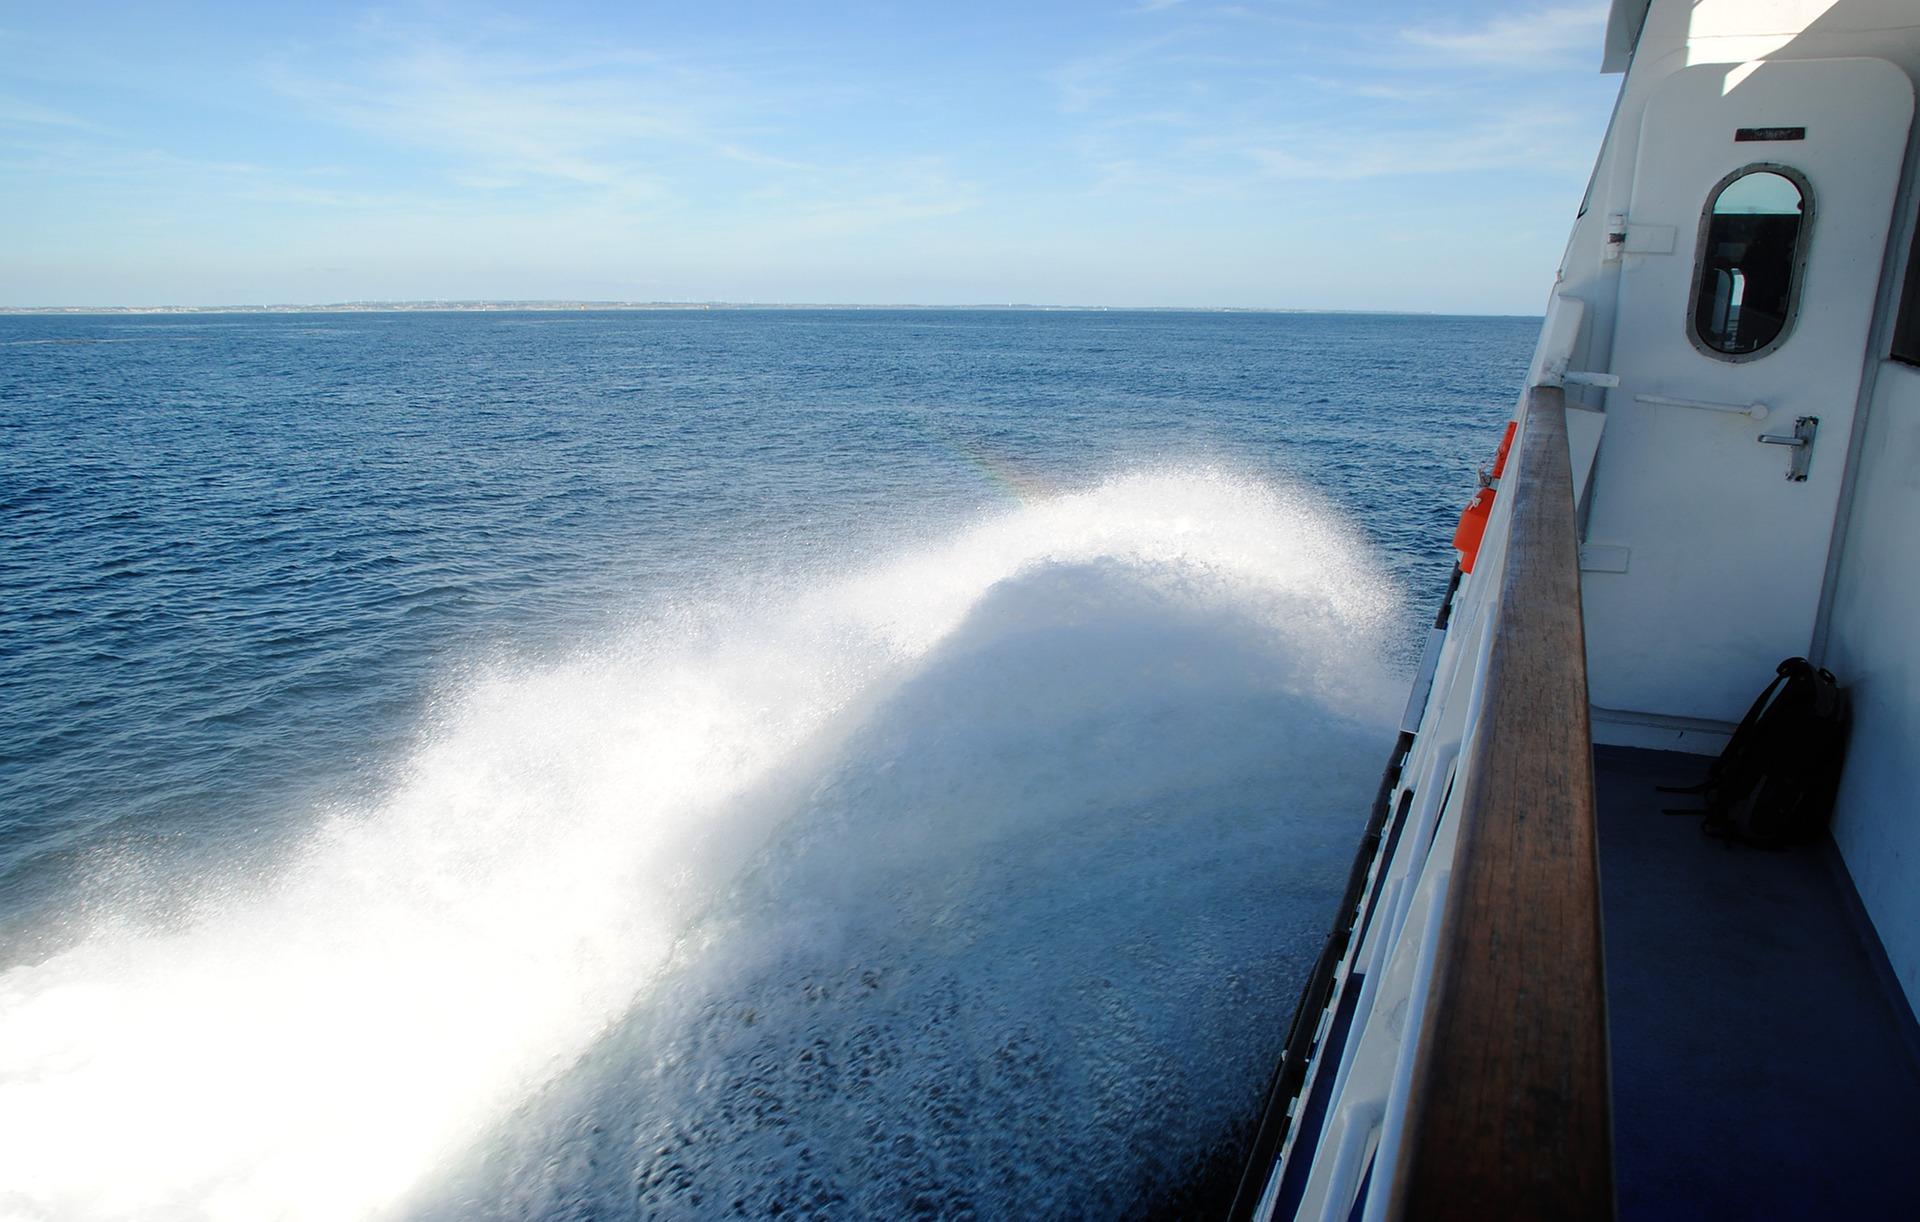 Prossime vacanze visitare l'Isola d'Elba 2